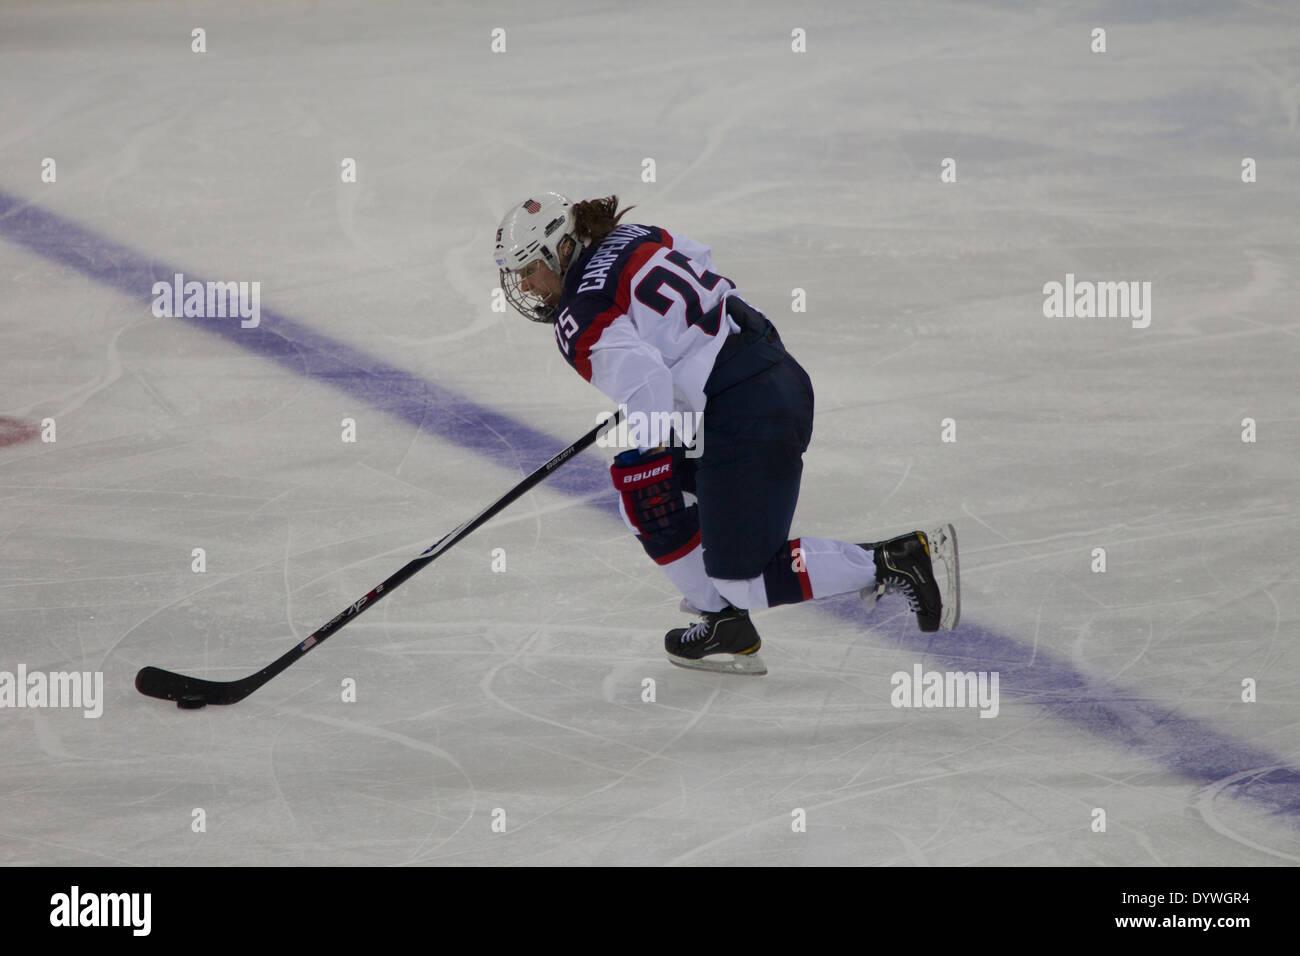 Alex Carpenter (EE.UU.), EE.UU.-Canadá Mujeres Hockey sobre hielo en los Juegos Olímpicos de Invierno, Sochi 2014 Imagen De Stock